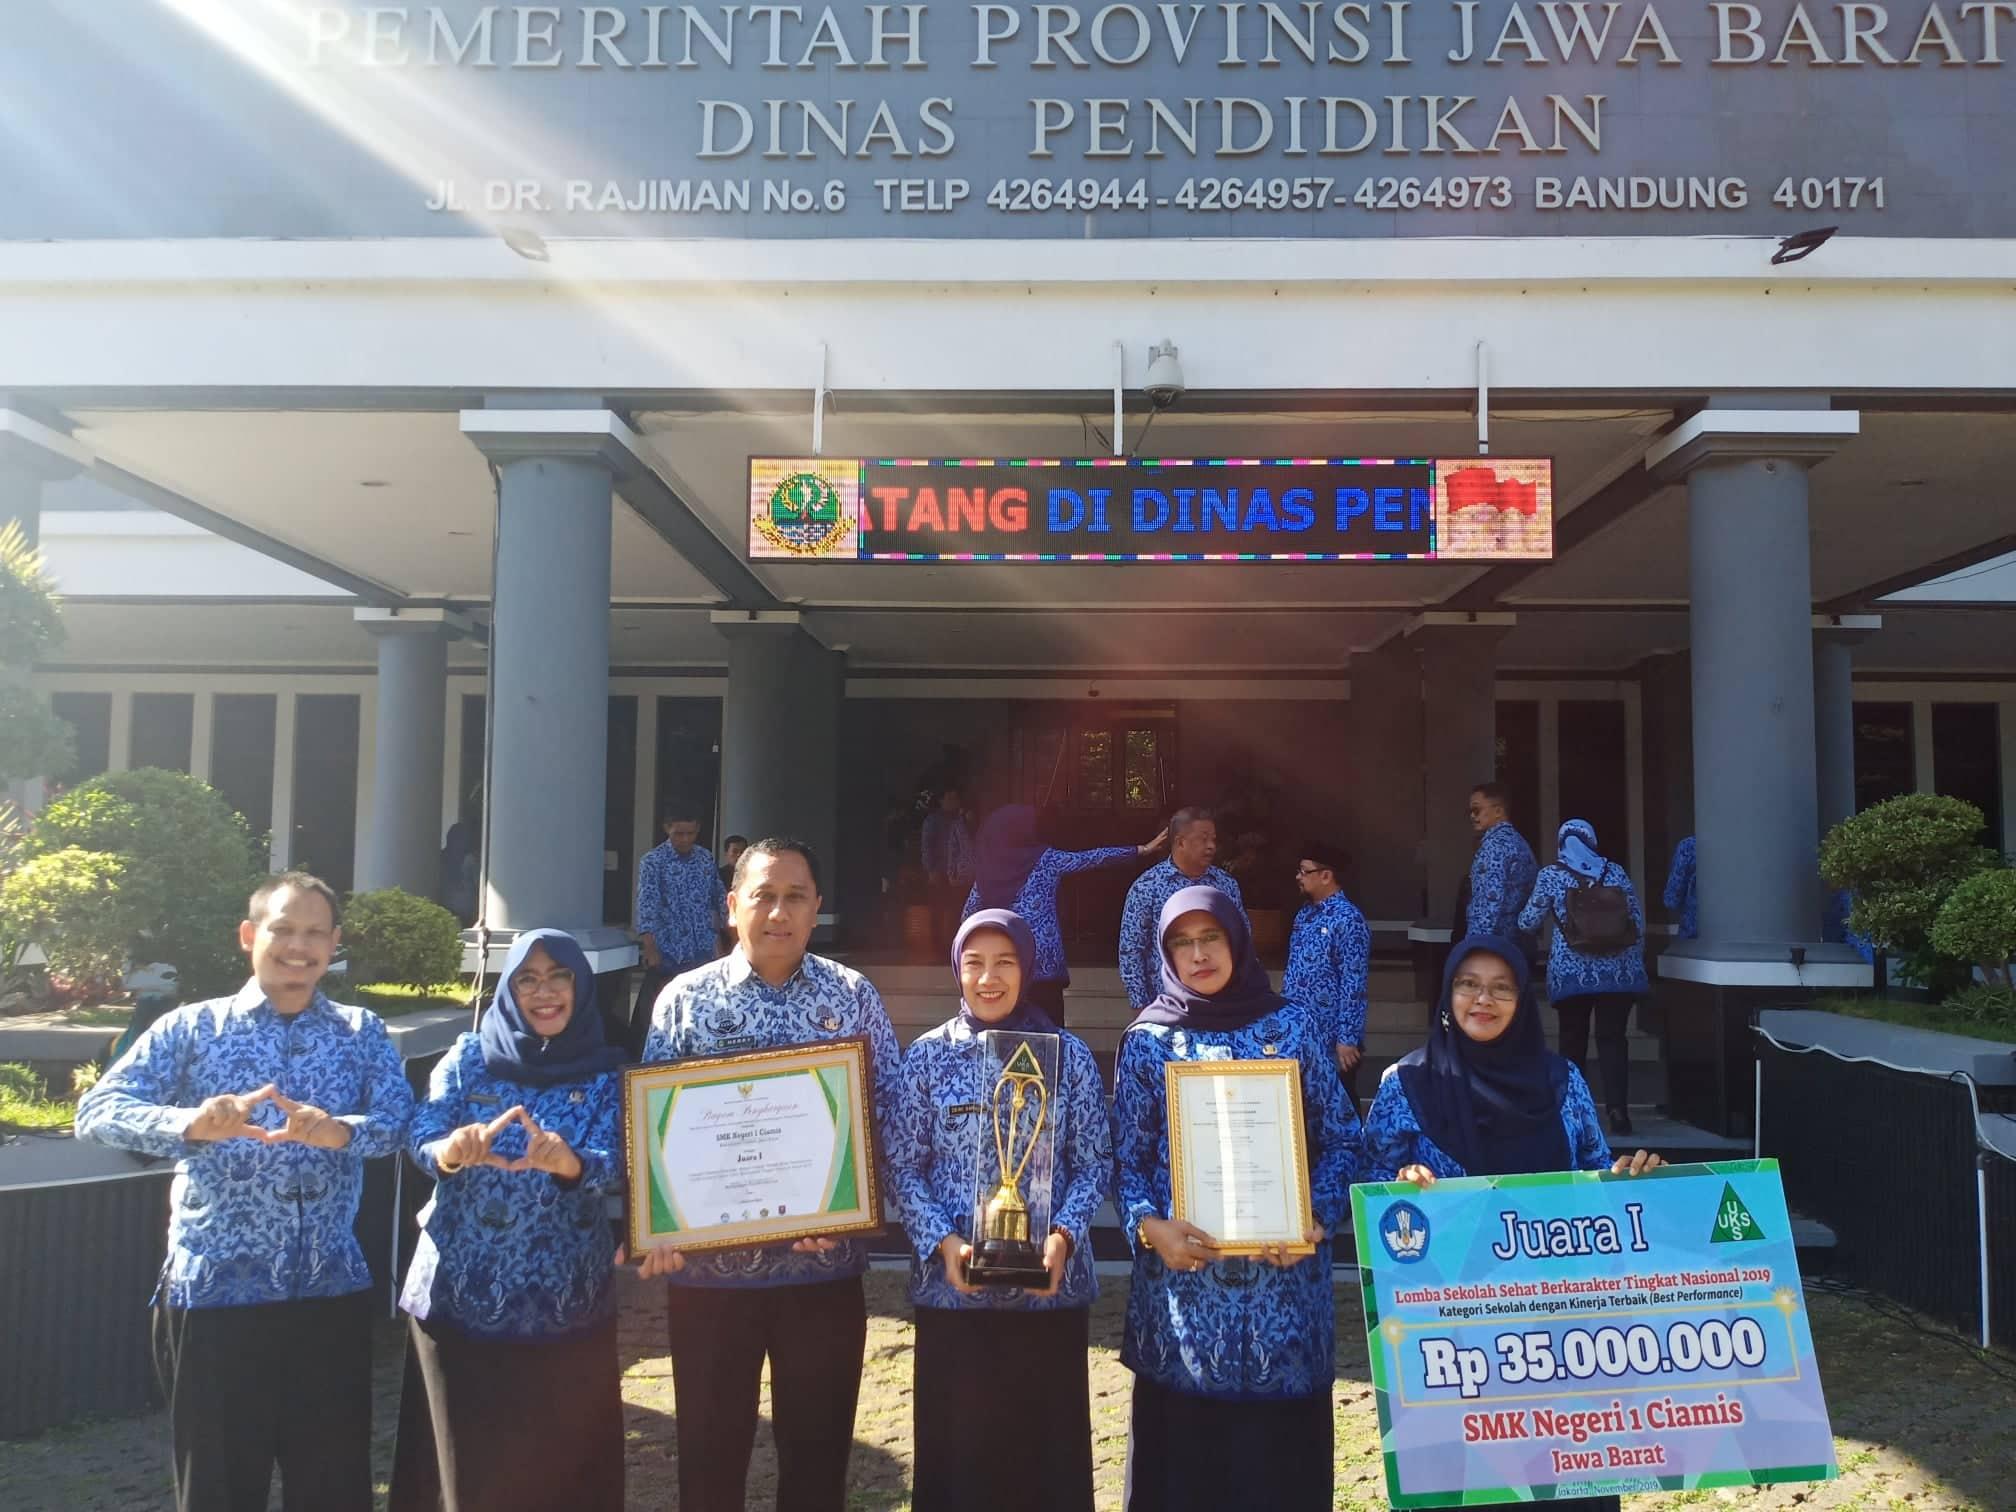 SMKN 1 Ciamis raih juara I Lomba Sekolah Sehat Berkarakter Tingkat Nasional Tahun 2019.